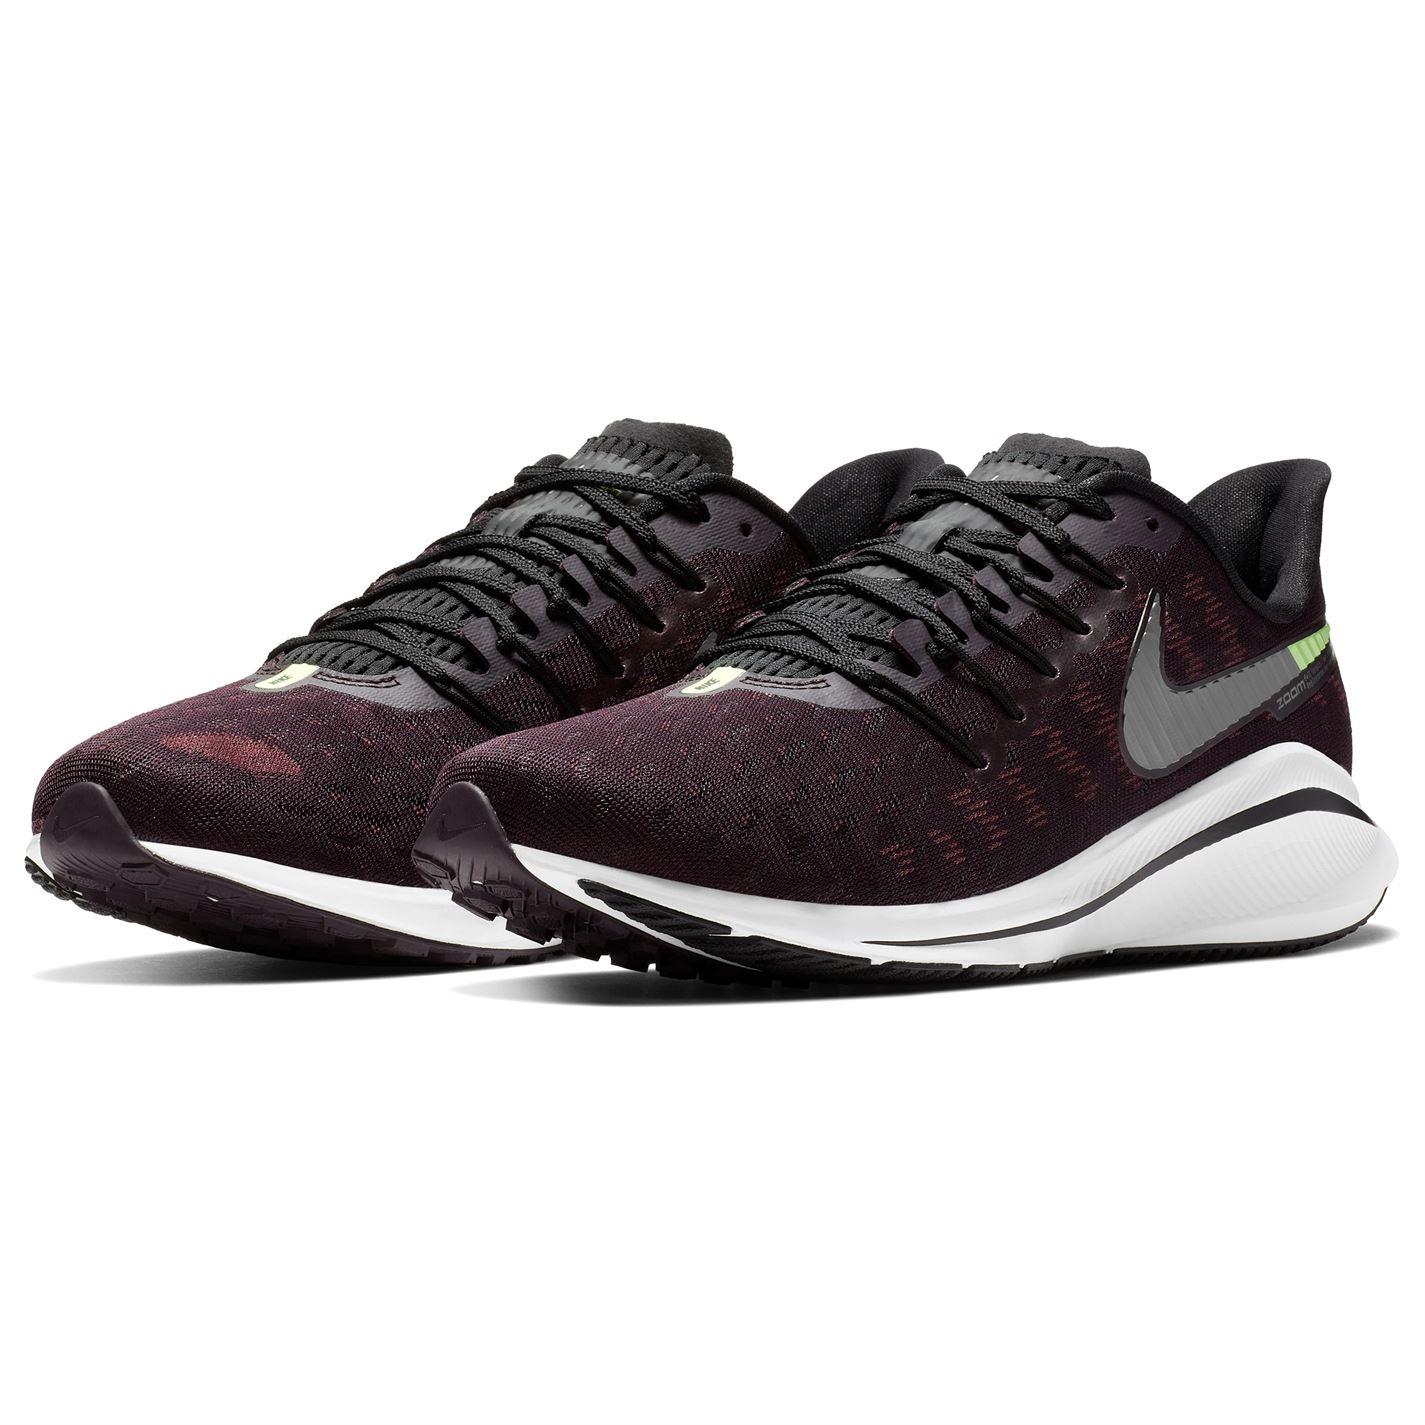 Nike Air Zoom Vomero 14 pánske bežecké tenisky